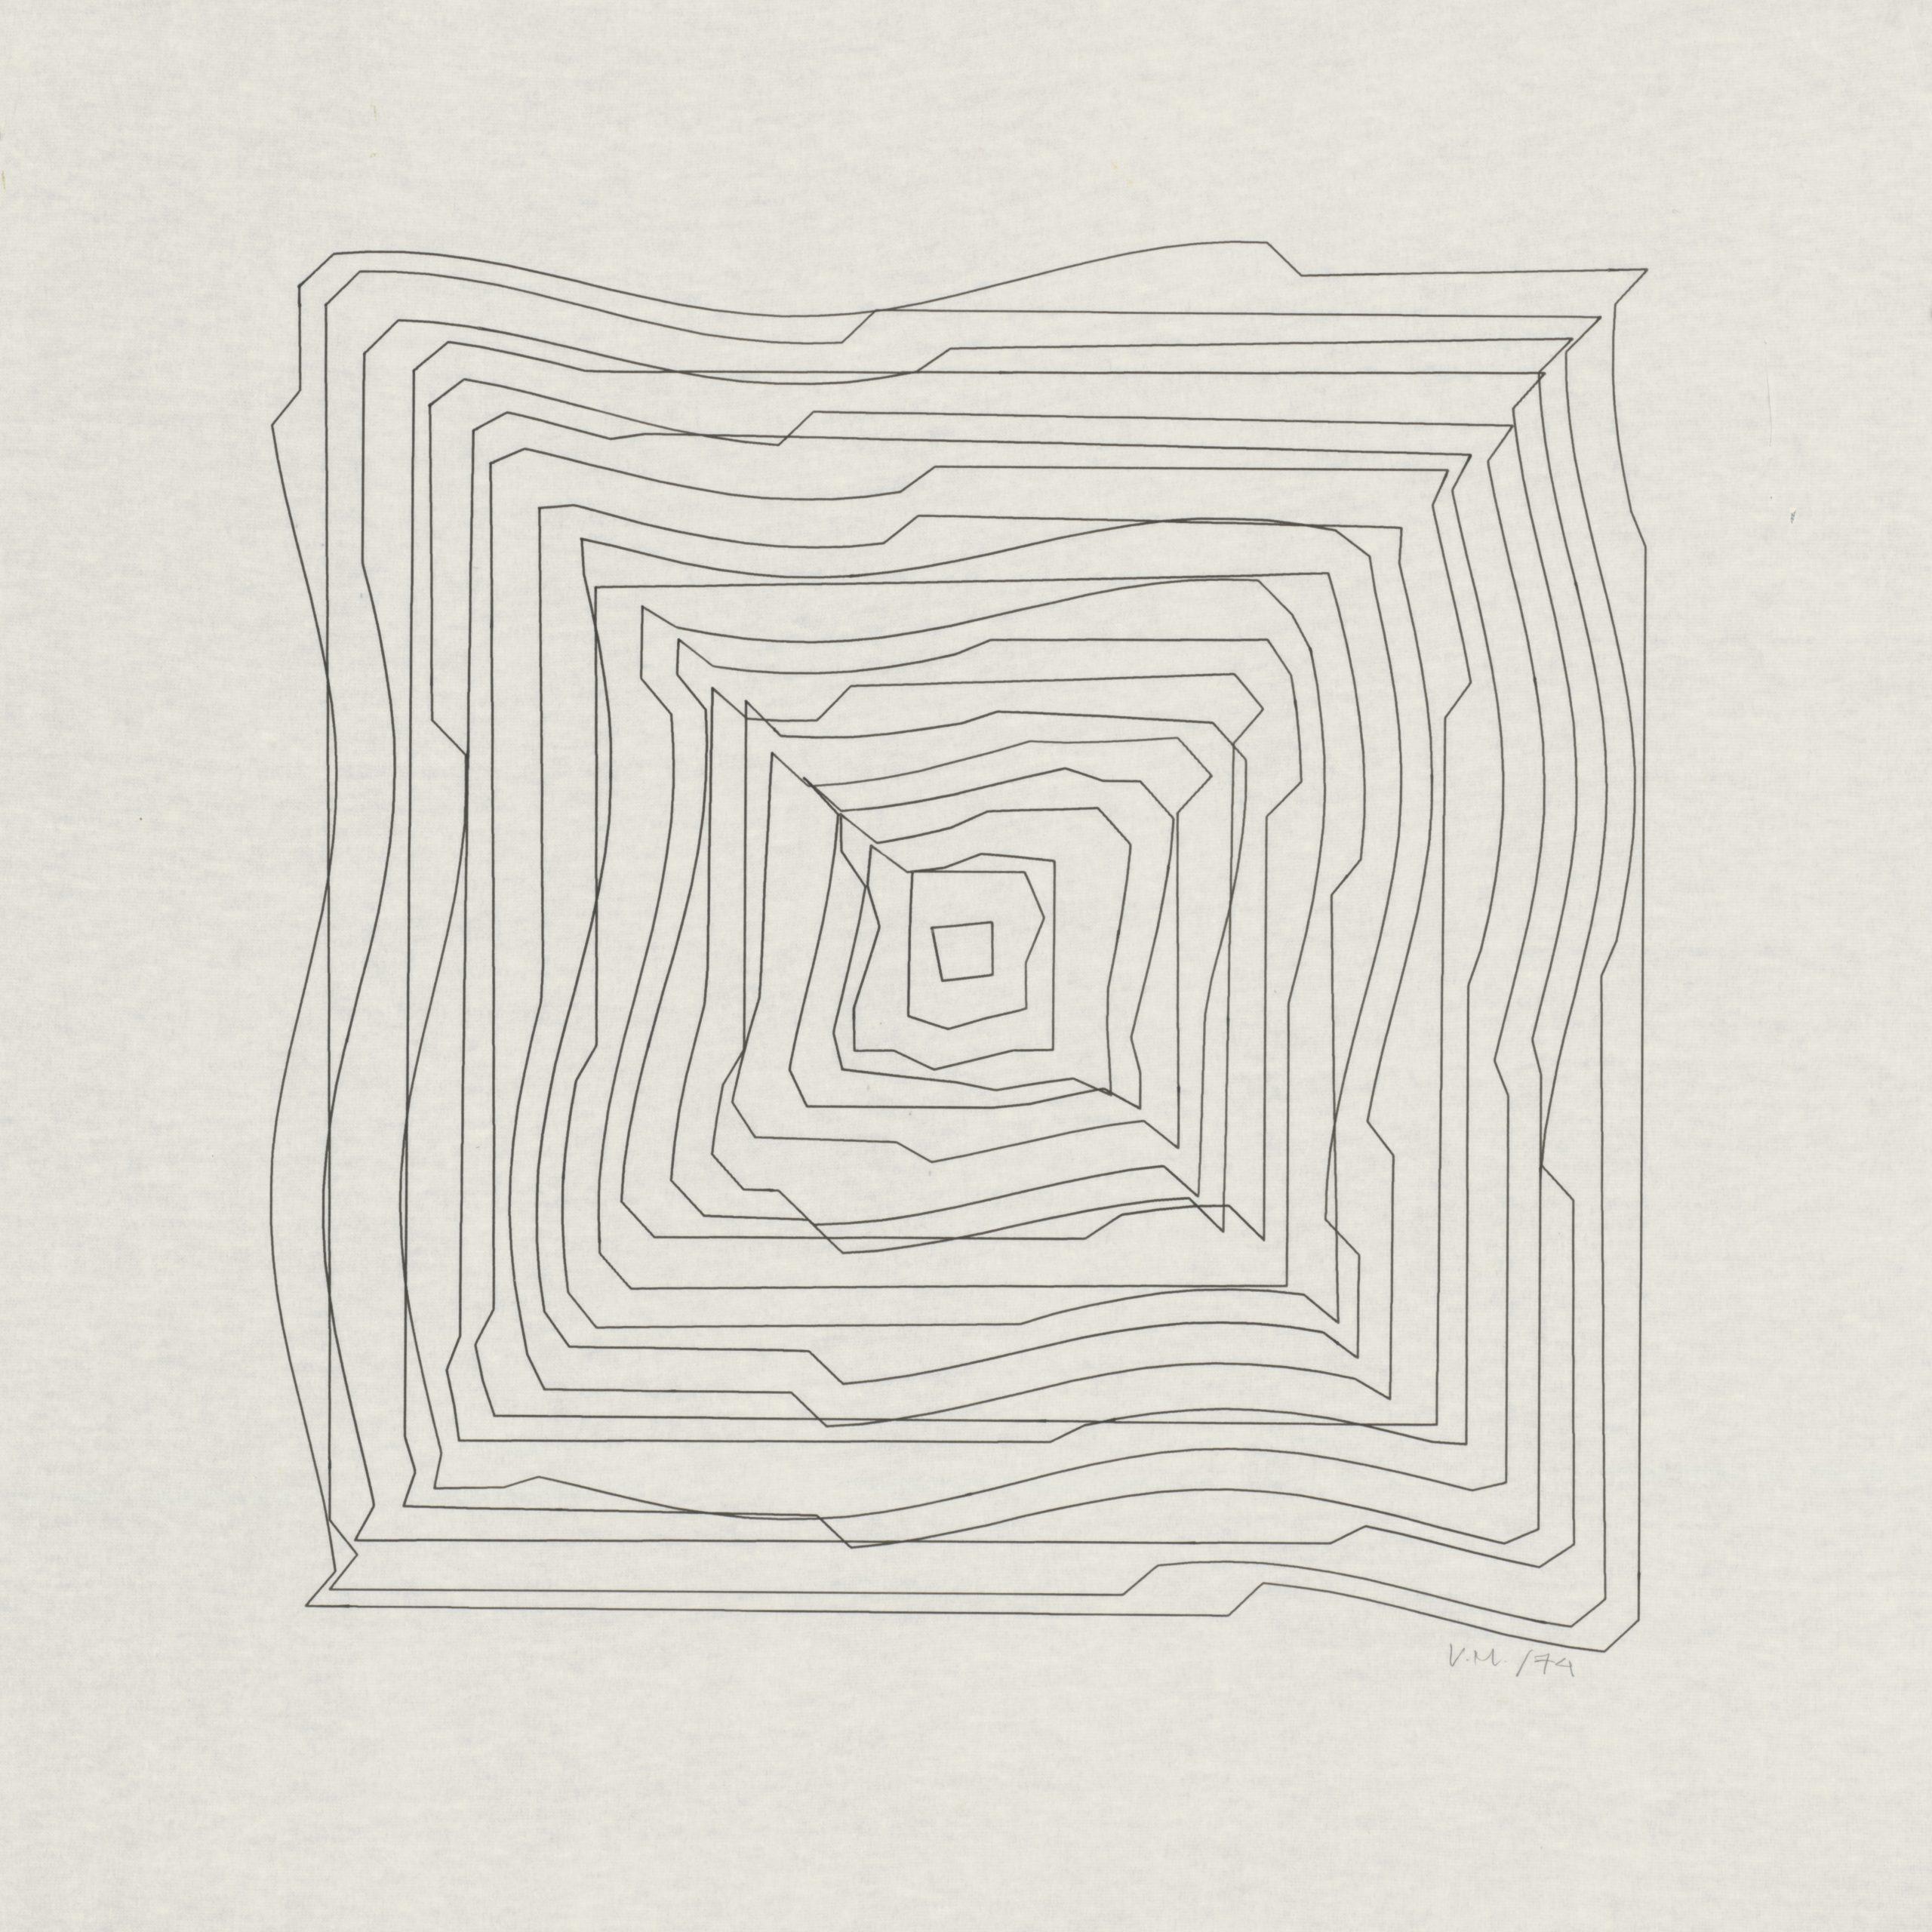 Vera Molnar, Hypertransformationen Serie, Plotterzeichnung, Tinte auf Papier, 40 x 40 cm, 1974, Preis: 15 000 Euro